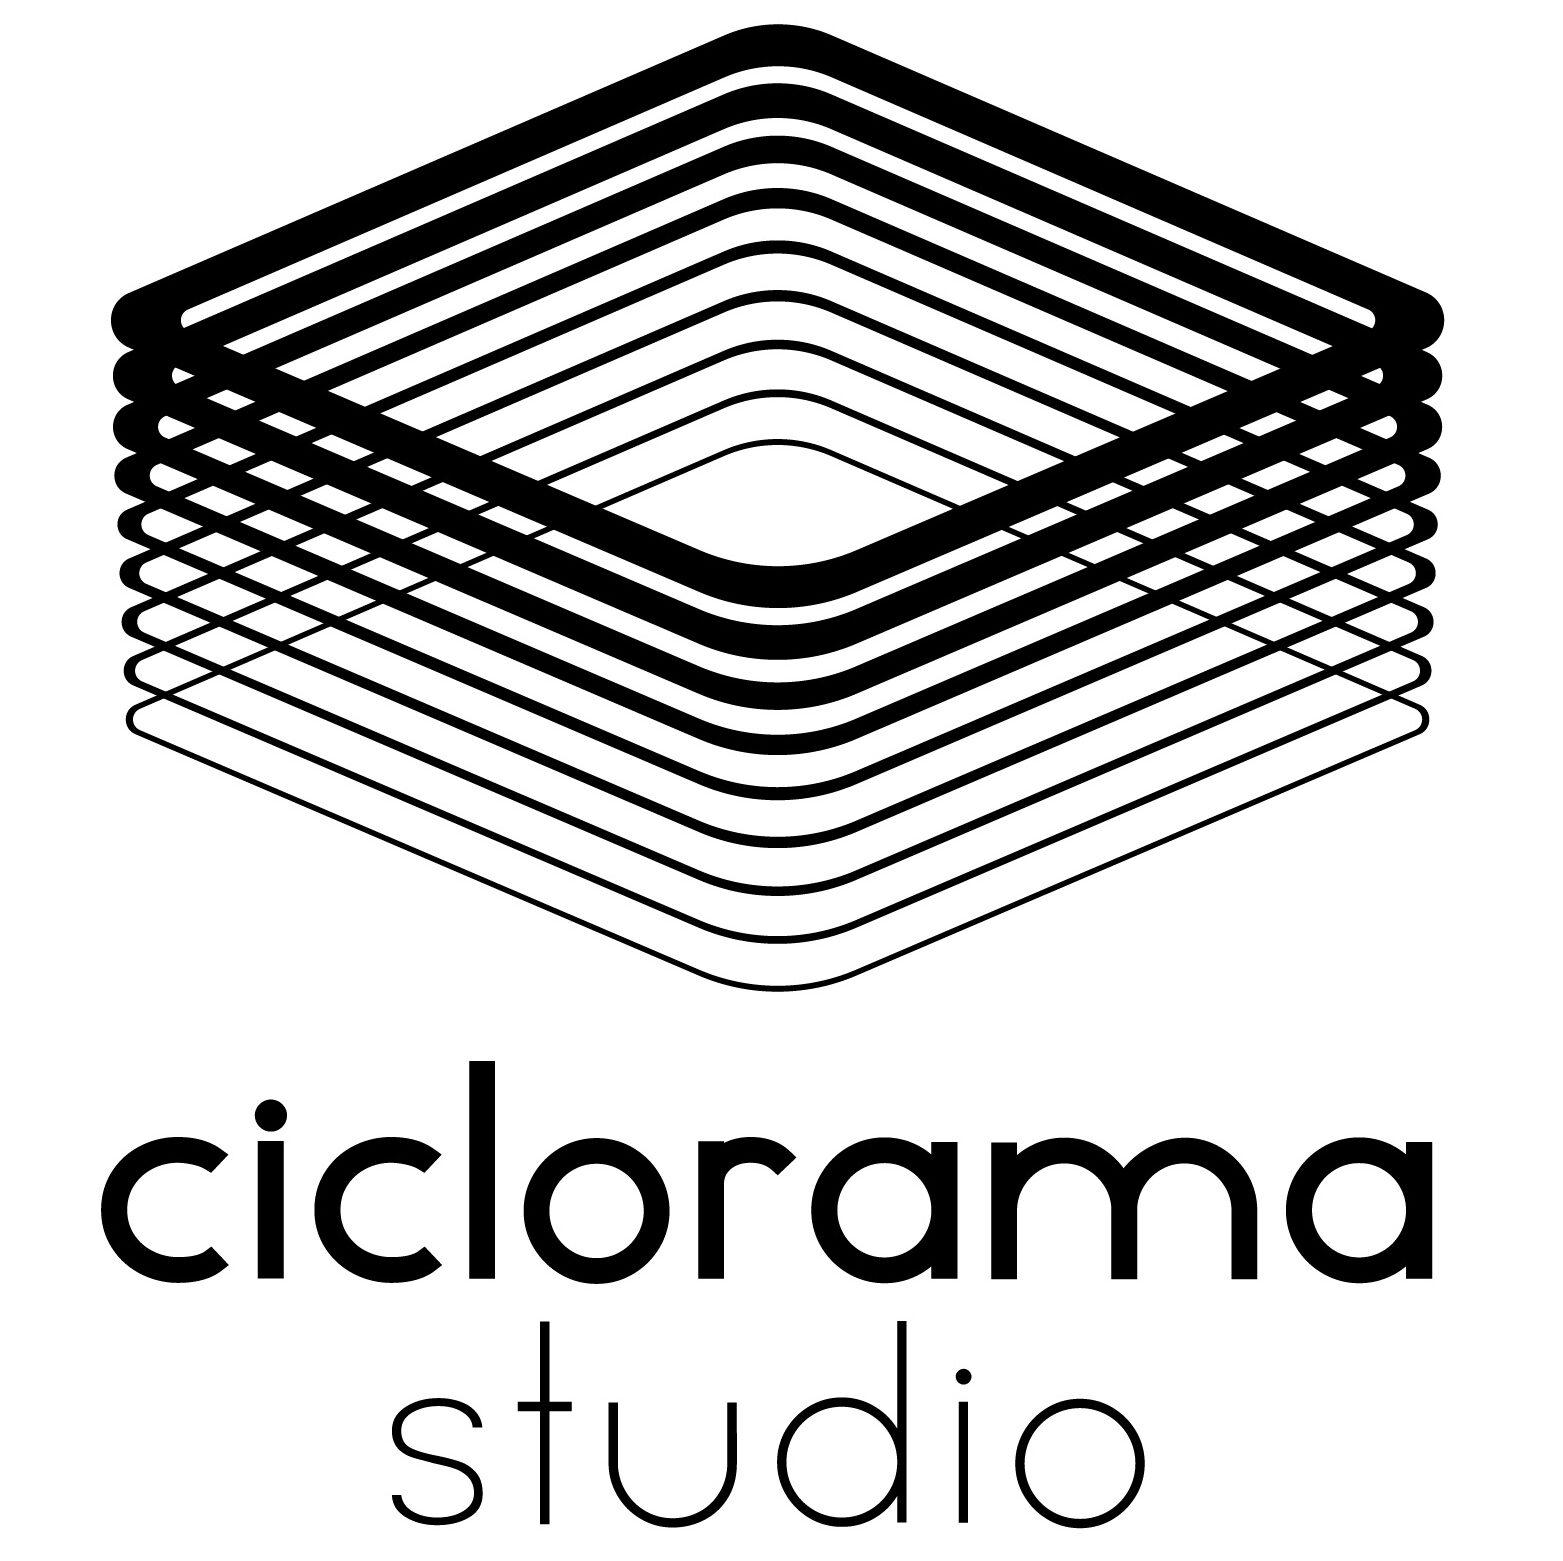 Ciclorama studio. Аренда фотостудии. Циклорама и интерьеры для фото и видео съёмок.